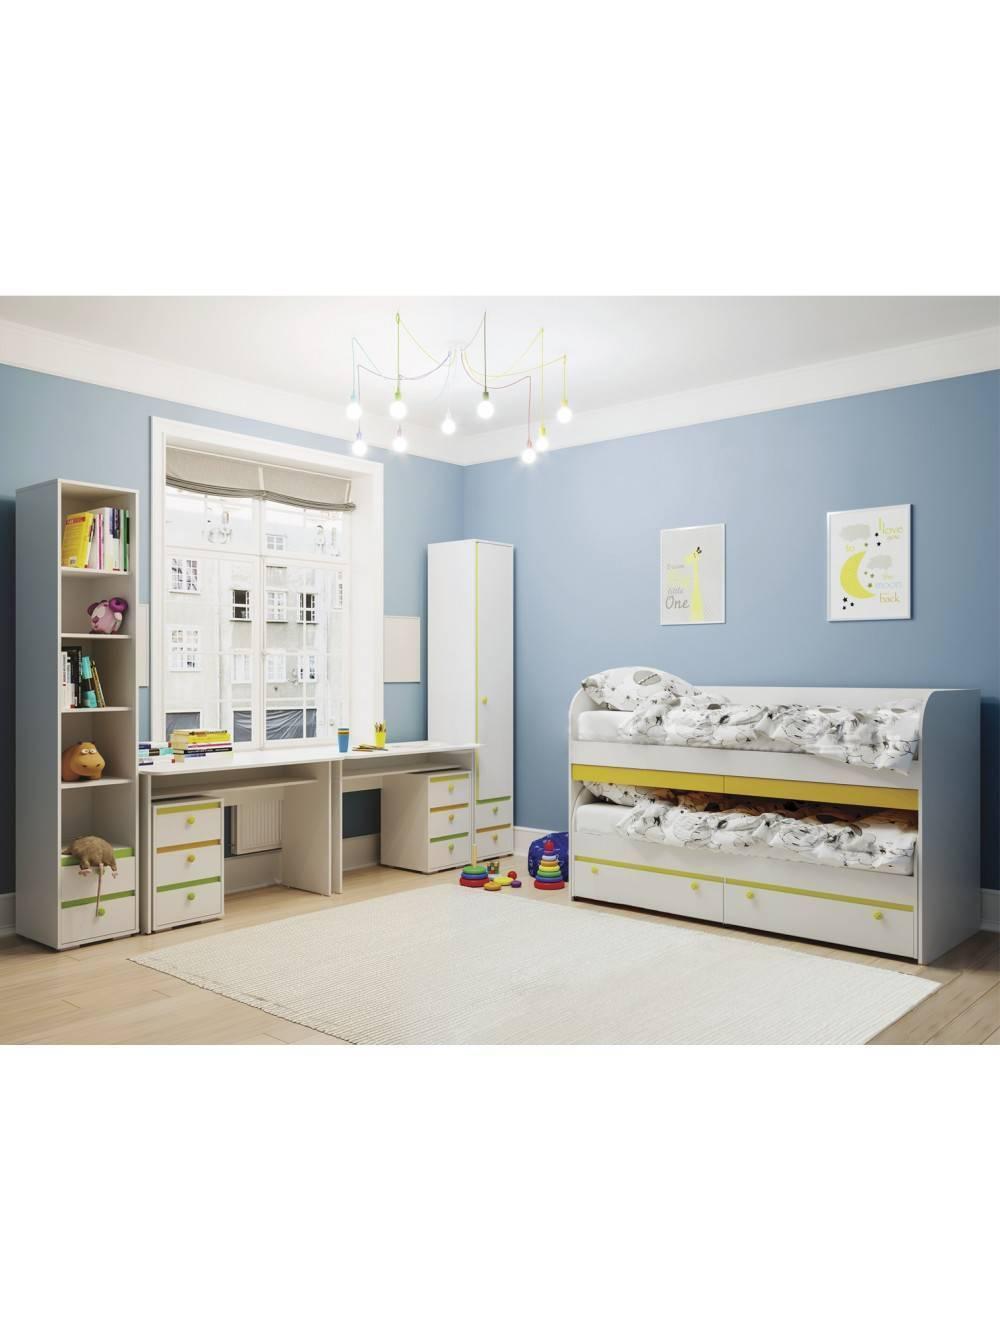 Комната для новорожденного, дизайн и планирование.более 70 фото | live-design